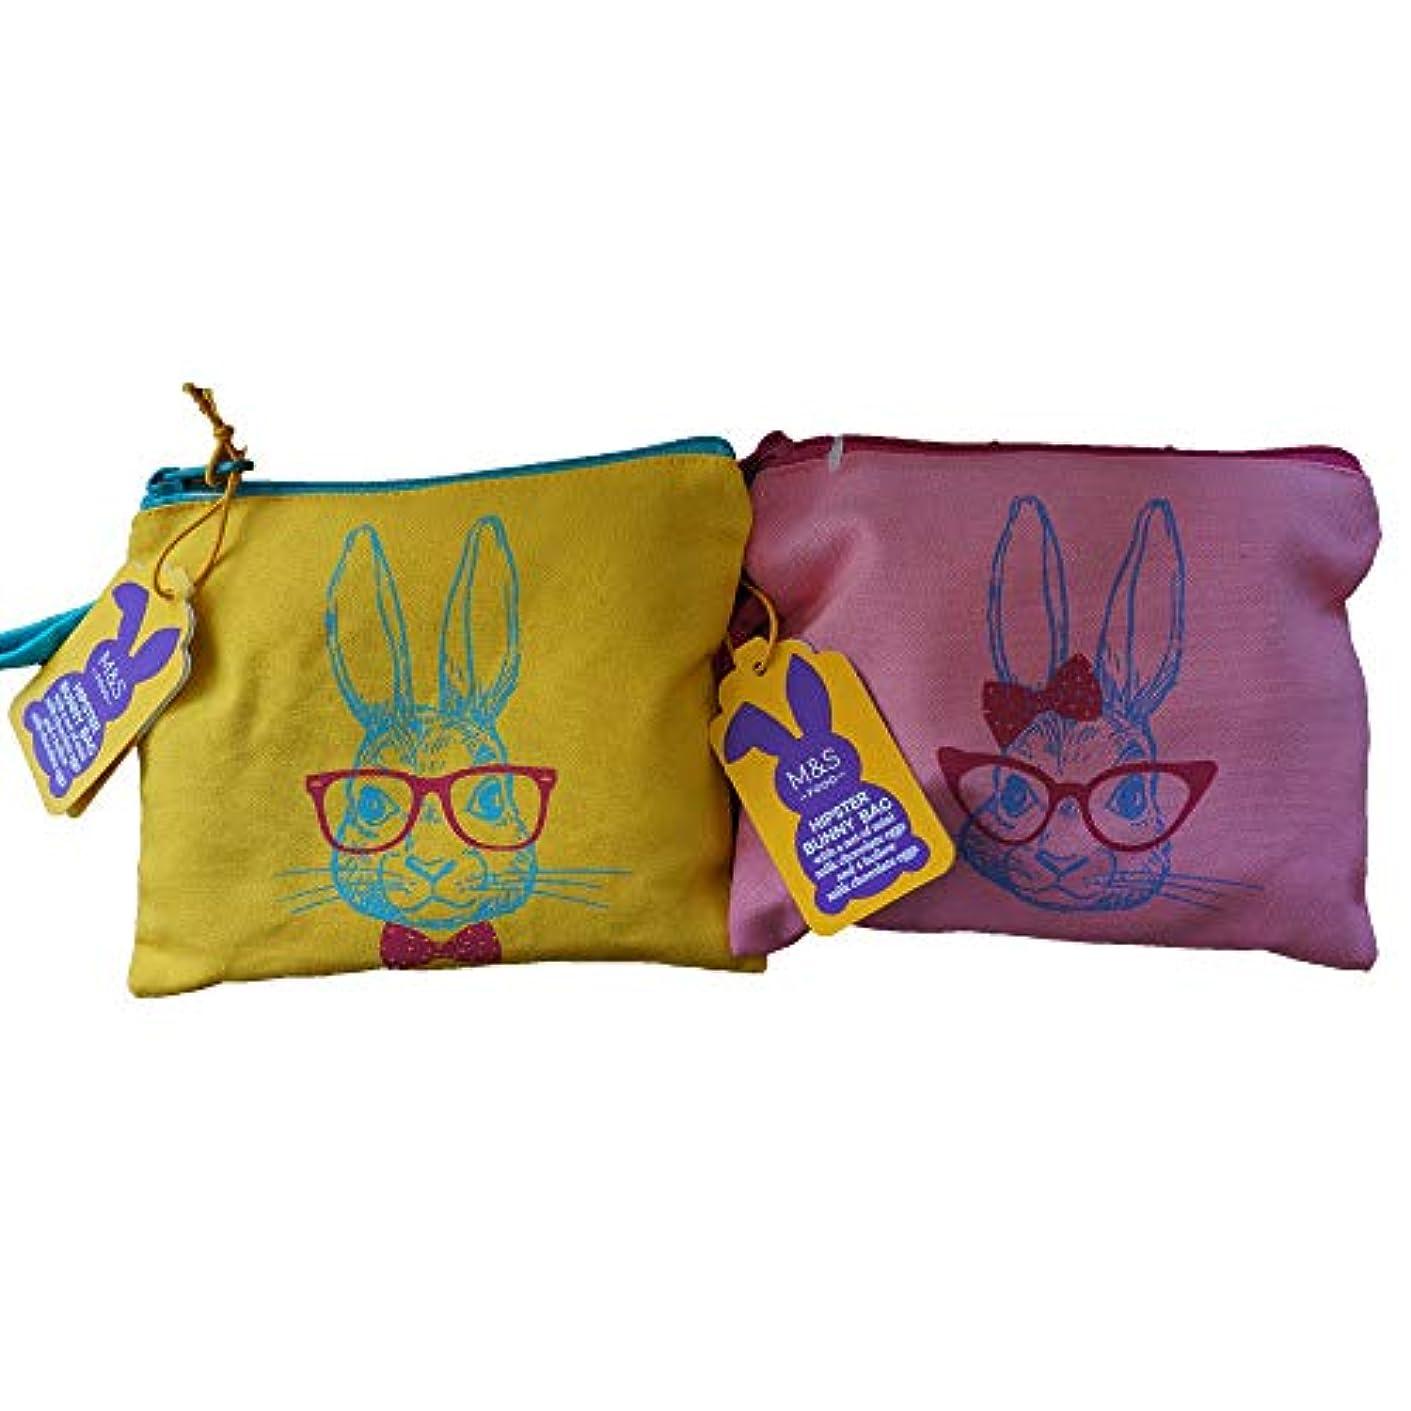 タワーランプロータリーM&S Hipster Bunny Bag 198g - Easter Chocolate Egg (One random bag will supply)